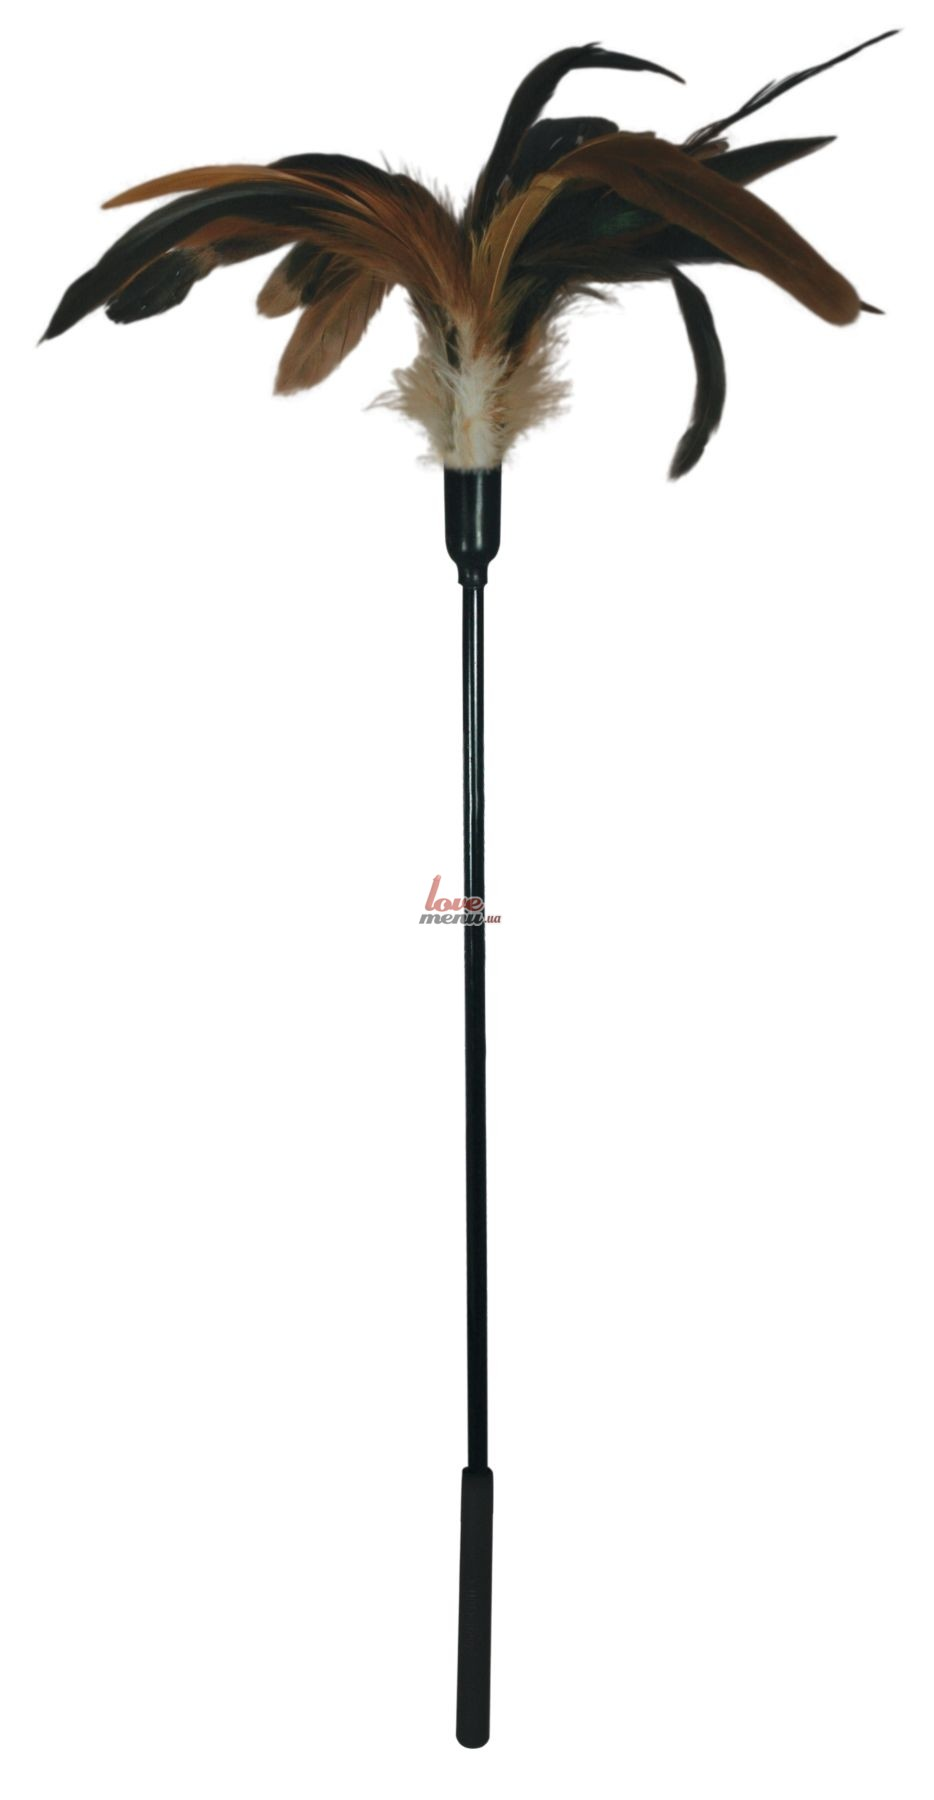 Щекоталка с петушиными перьями - Starburst Tickler - 5